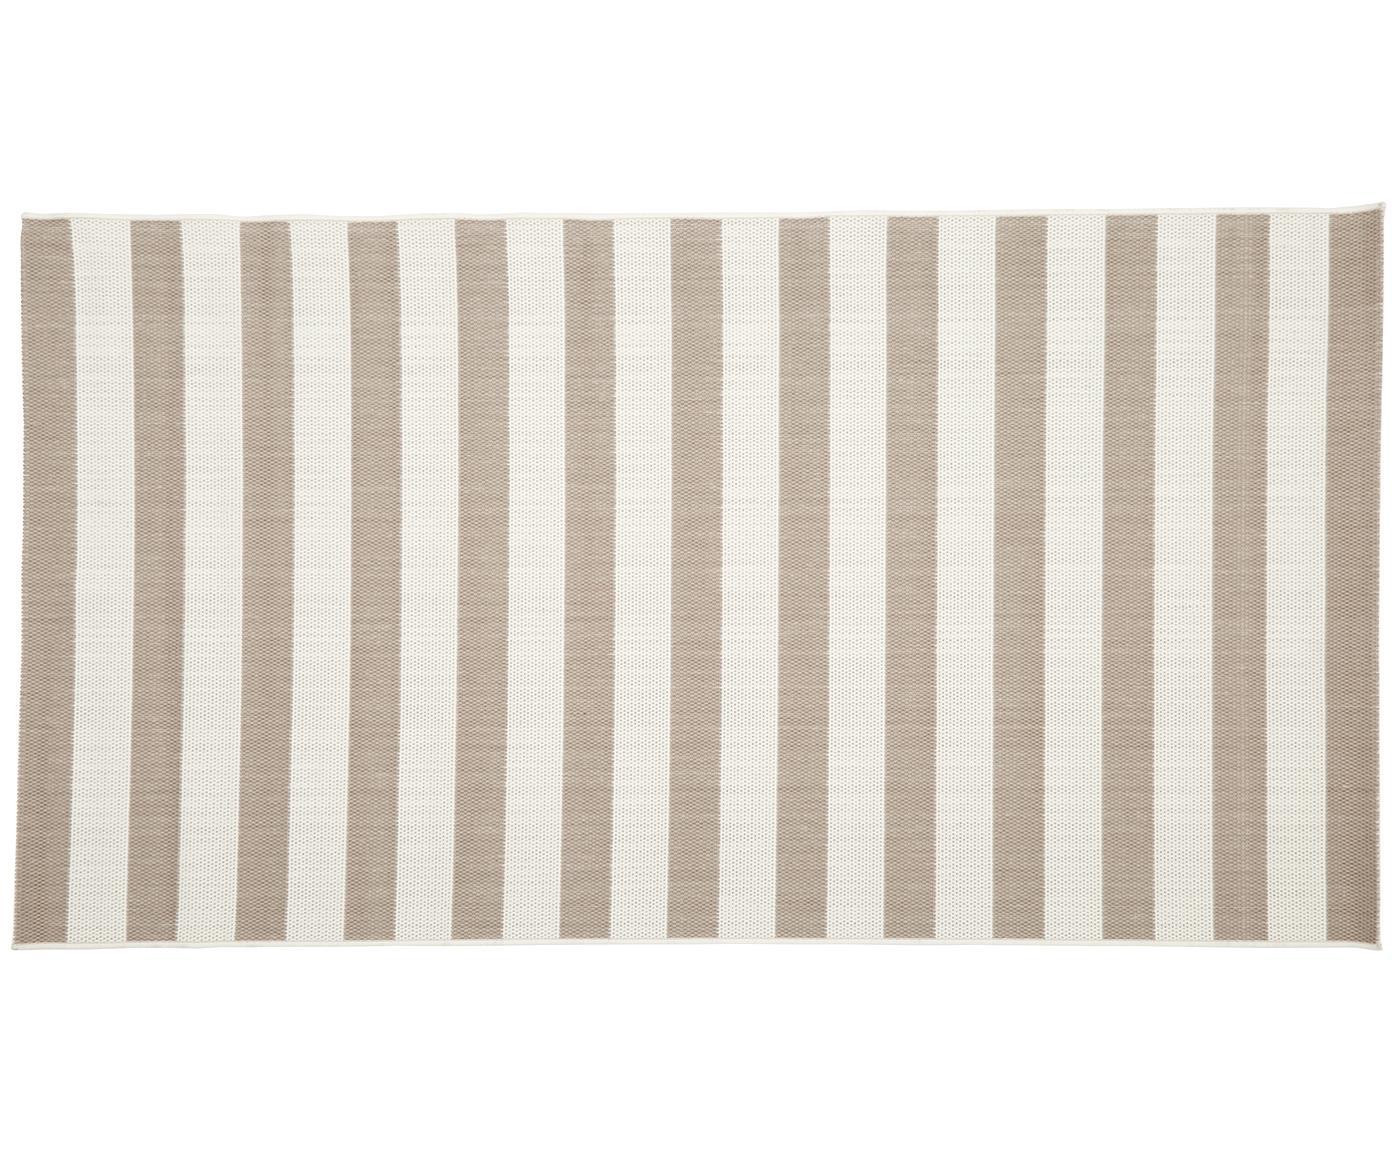 Gestreifter In- & Outdoor-Teppich Axa in Beige/Weiß, Flor: 100% Polypropylen, Cremeweiß, Beige, B 80 x L 150 cm (Größe XS)